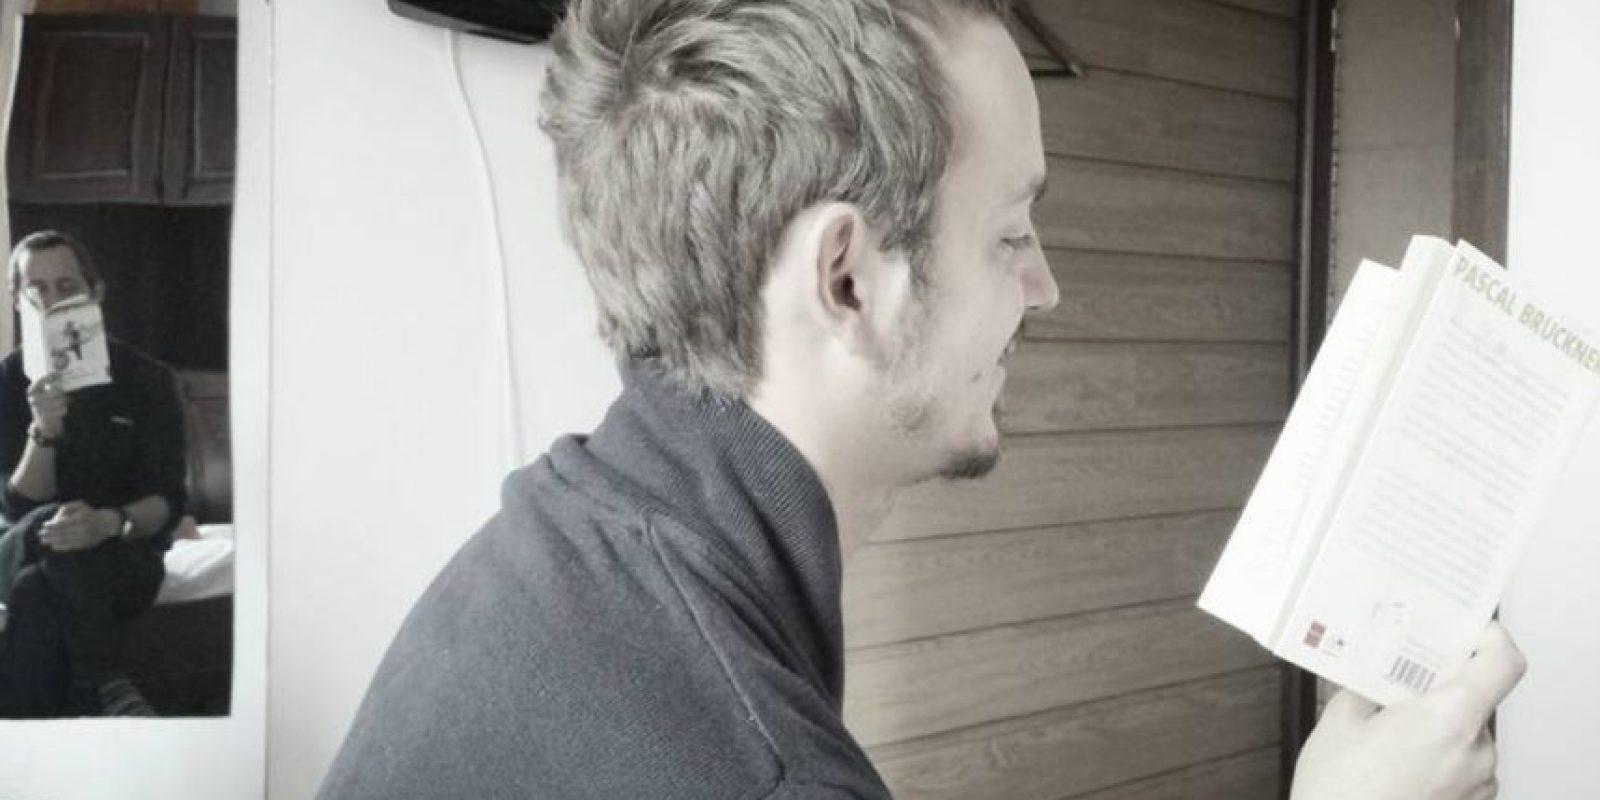 Victor Miron, es un fanático de la lectura, que inició la propuesta. Foto:facebook.com/miron.victor